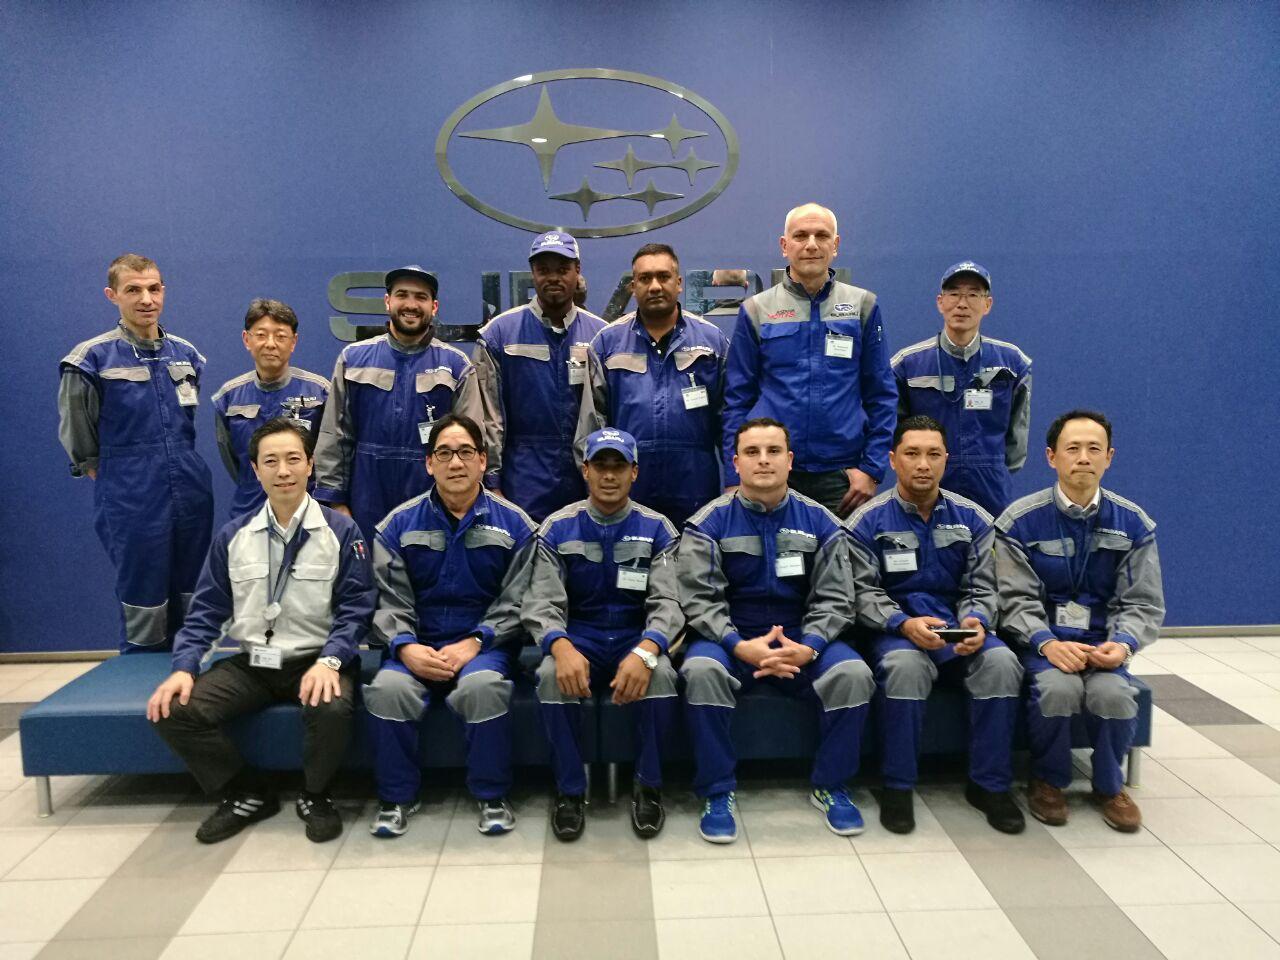 grupo-mecanicos-del-mundo-en-japon.jpg